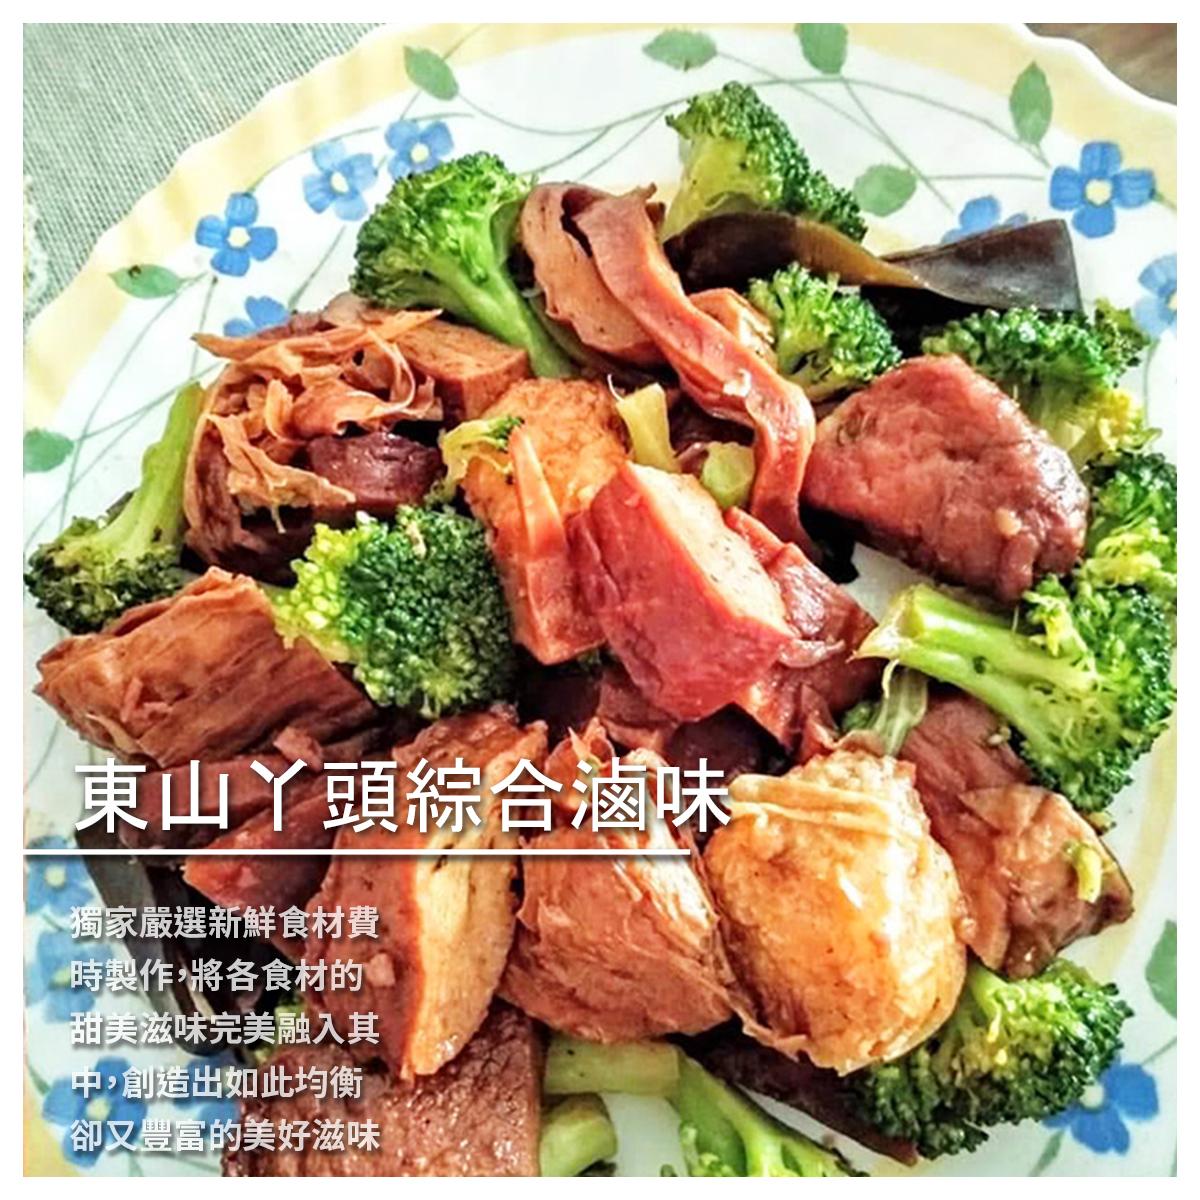 【妙緣素食】東山丫頭綜合滷味 600g